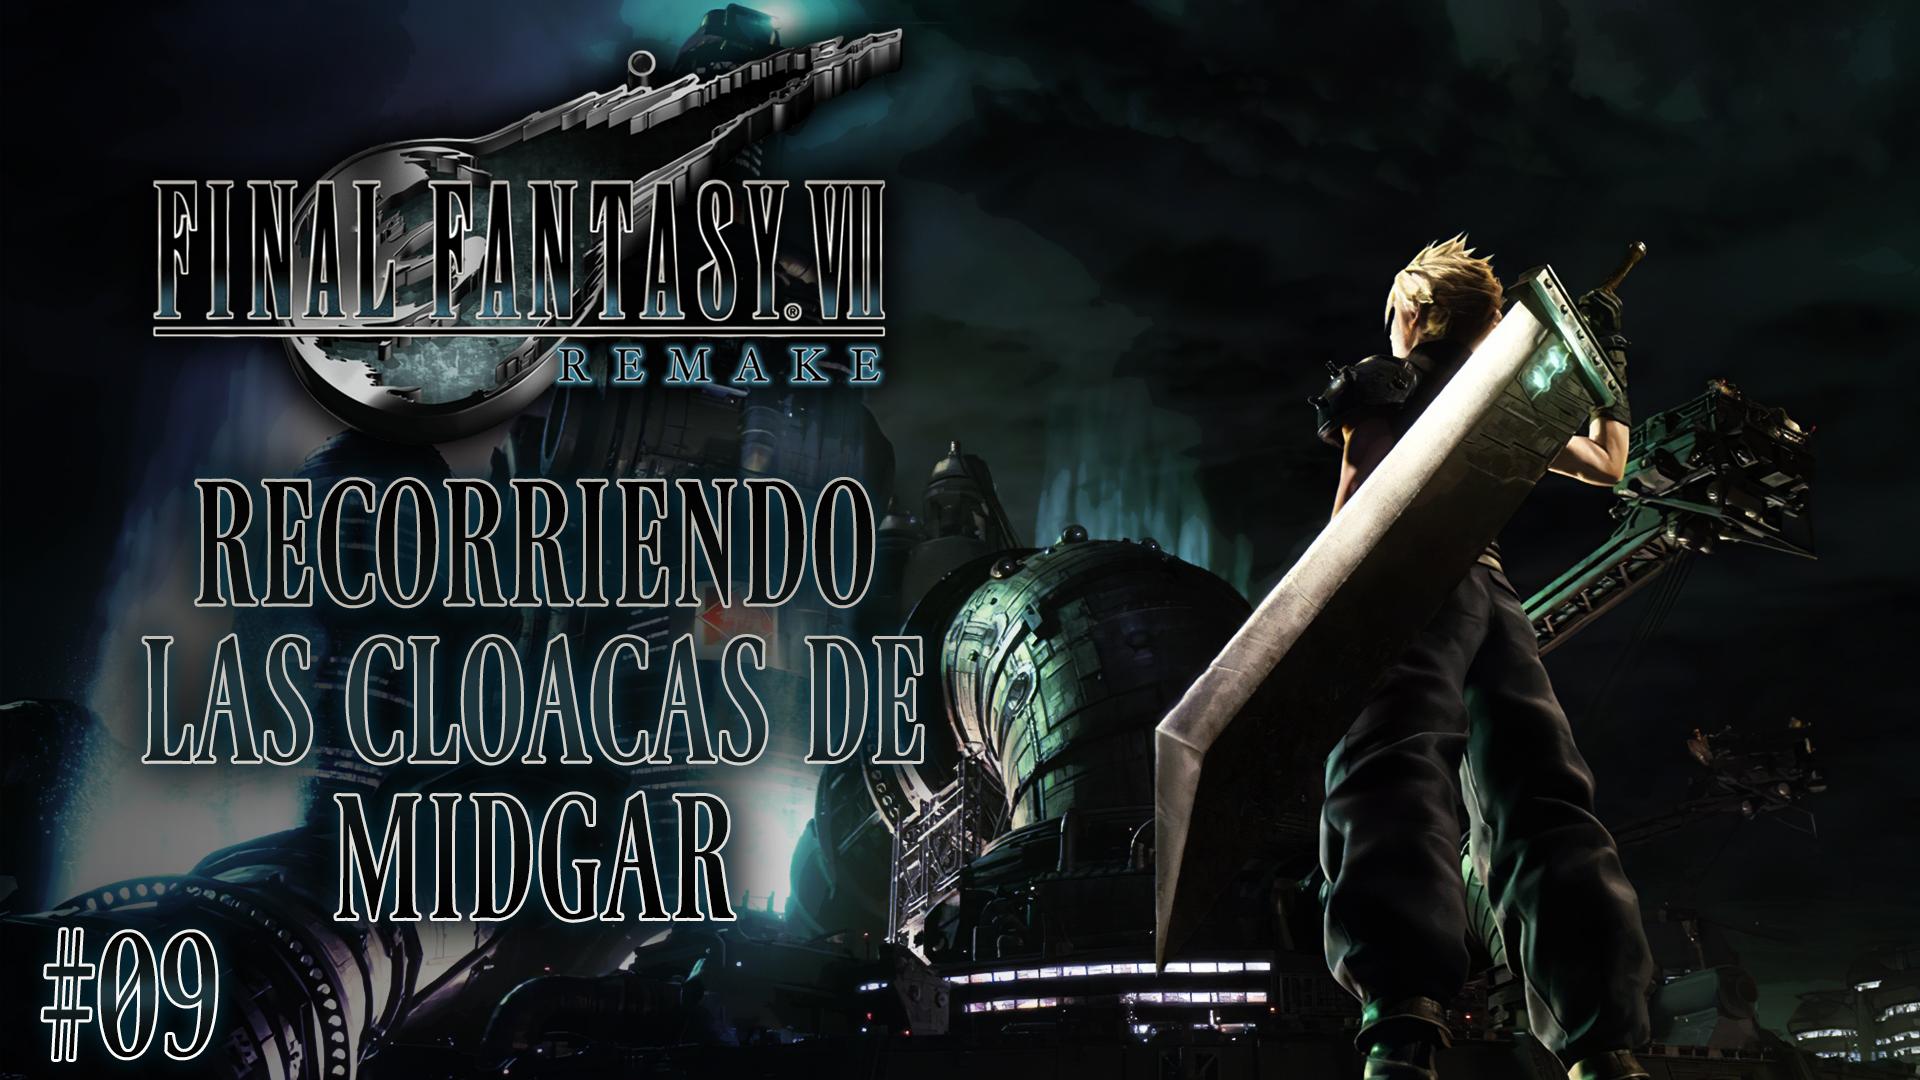 Serie Final Fantasy VII Remake # 09 – Recorriendo las Cloaclas de Midgar